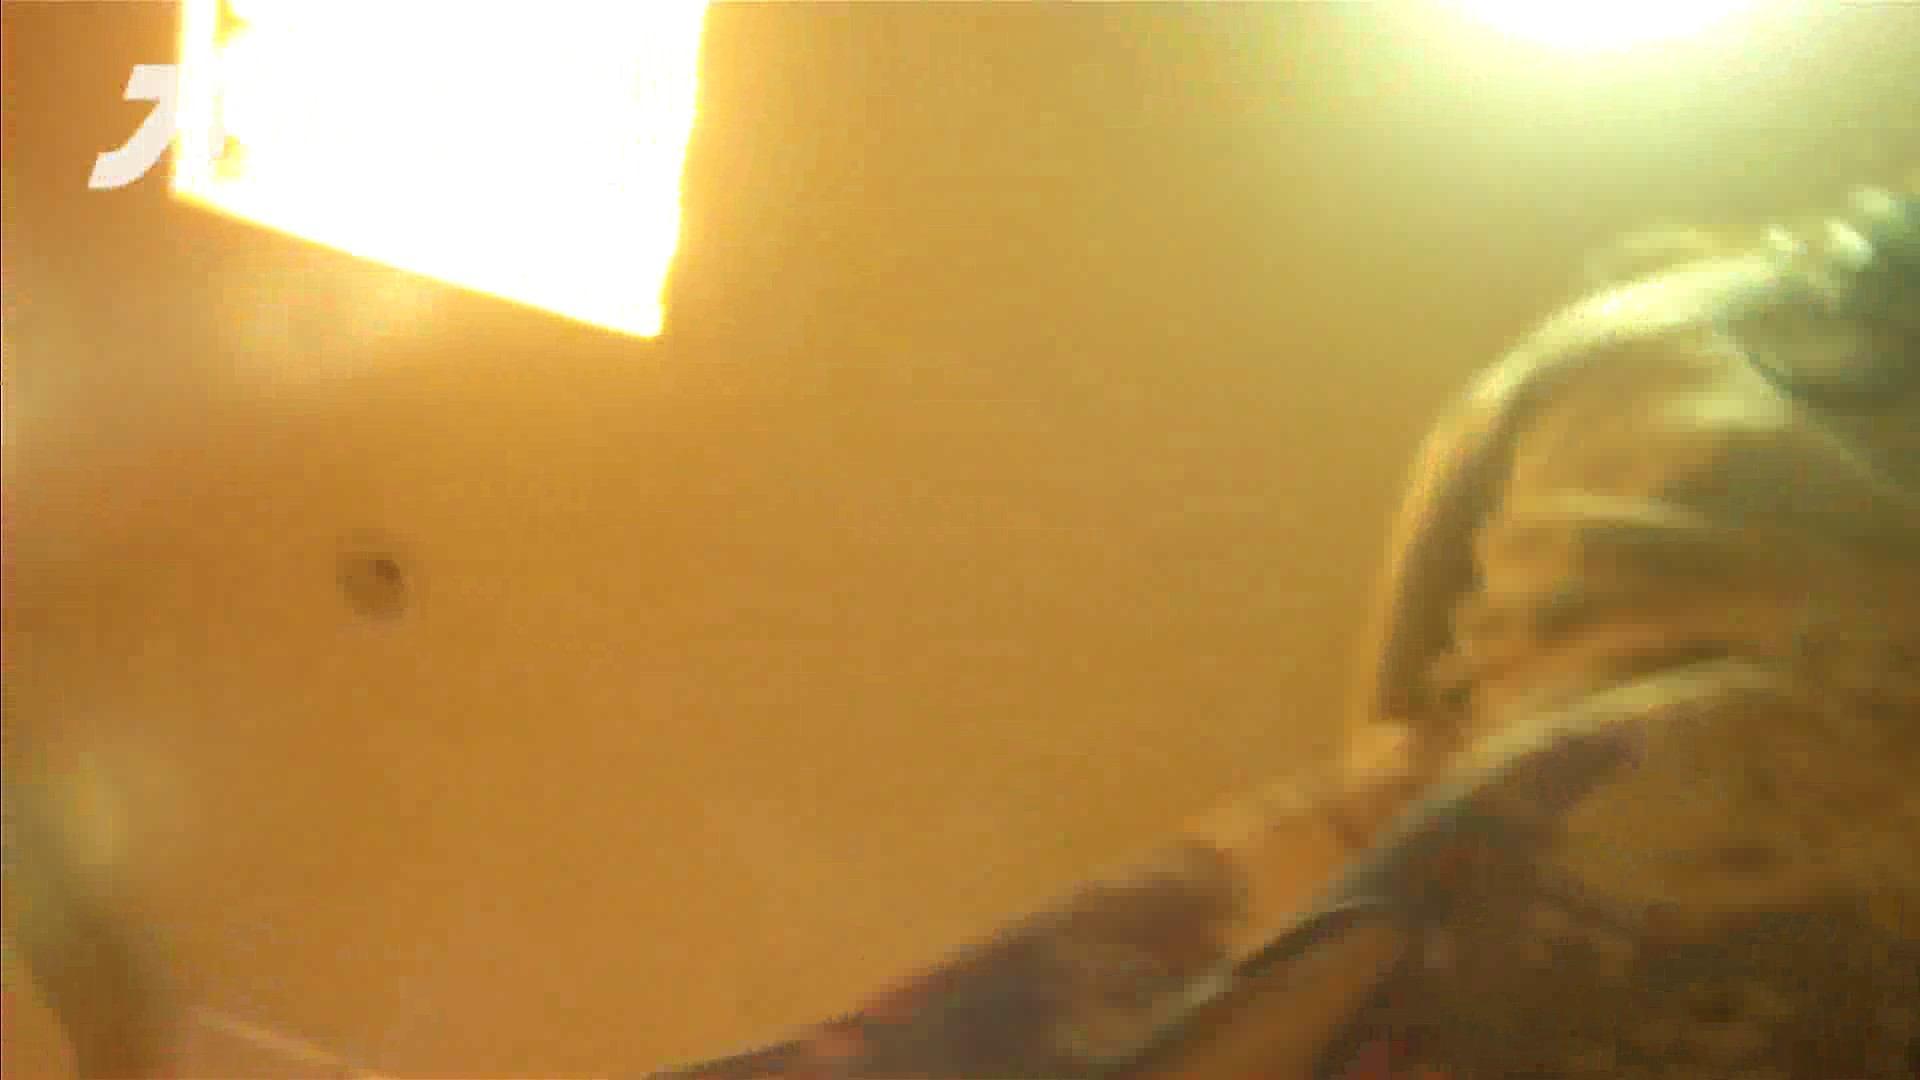 ハイビジョンパンチラ オッテQさんの追跡パンチラデパート編VOL.05 パンチラのぞき おまんこ動画流出 72pic 23